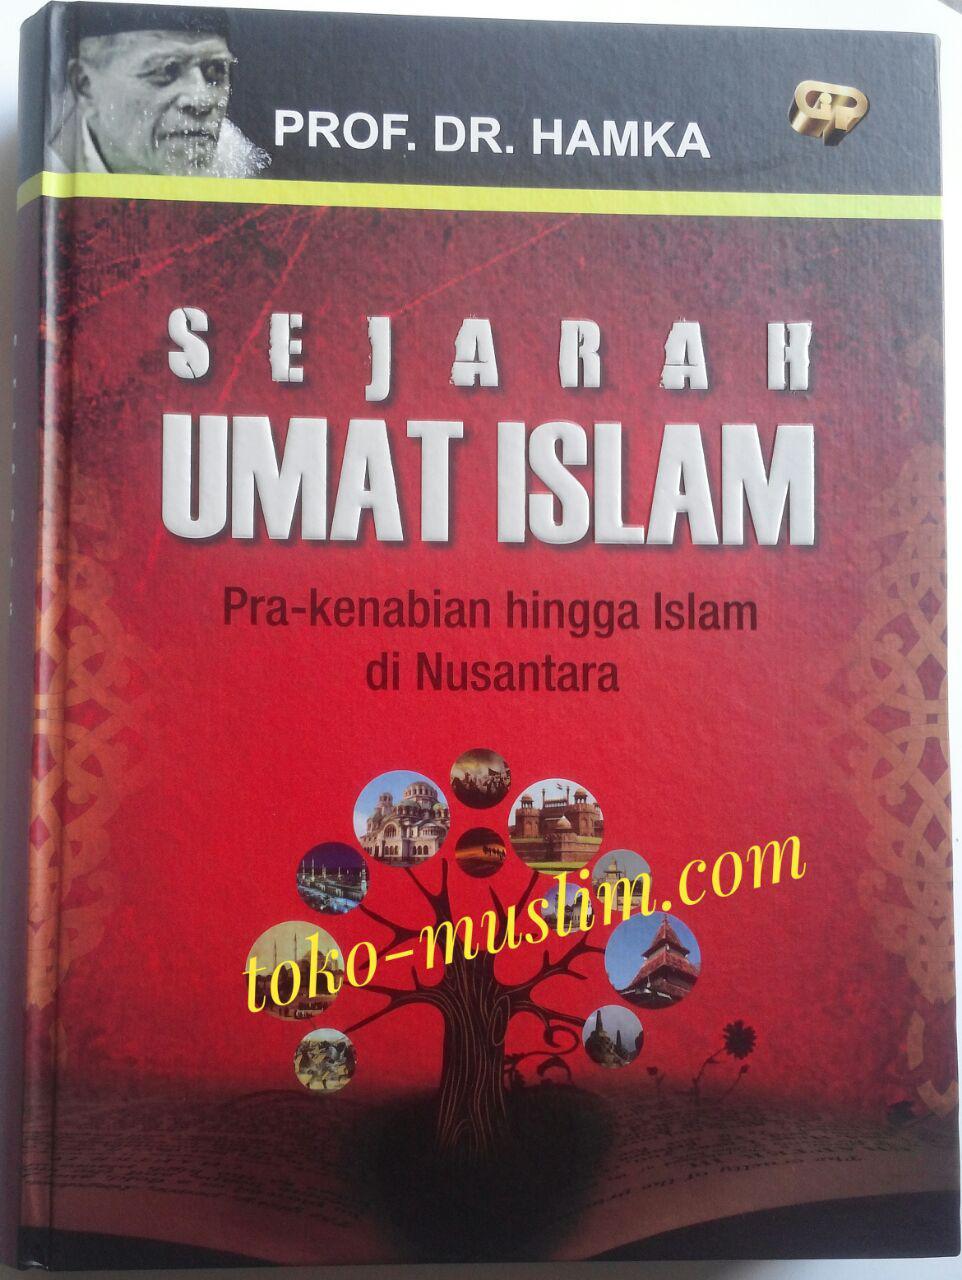 Buku Sejarah Umat Islam Pra Kenabian Hingga Islam Di Nusantara 230.000 15% 195.500 Gema Insani Press cover 2